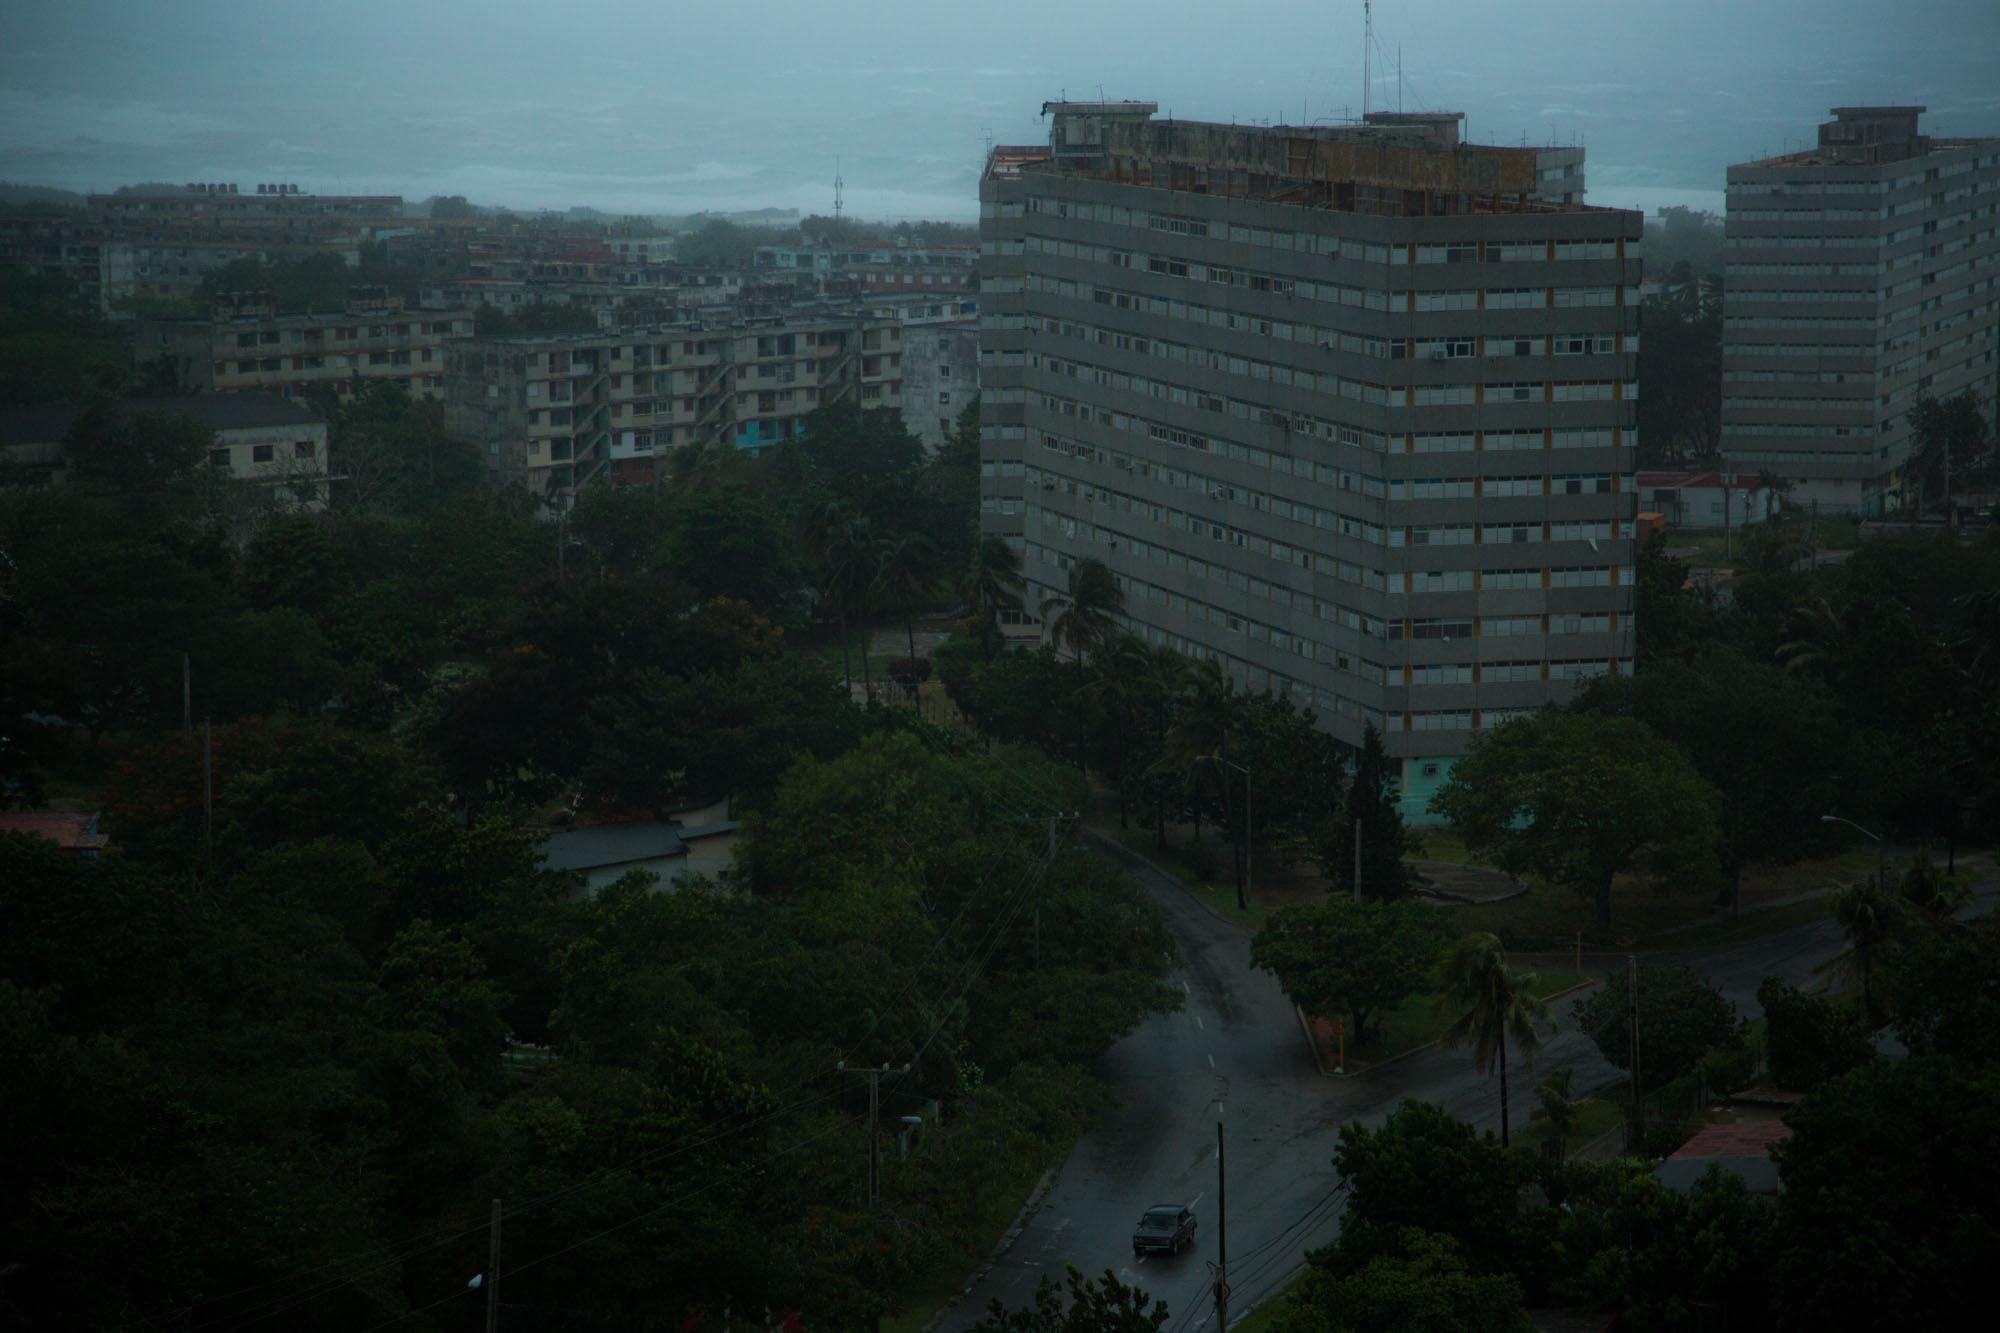 La desolación en las calles (Foto: Jorge Ricardo)